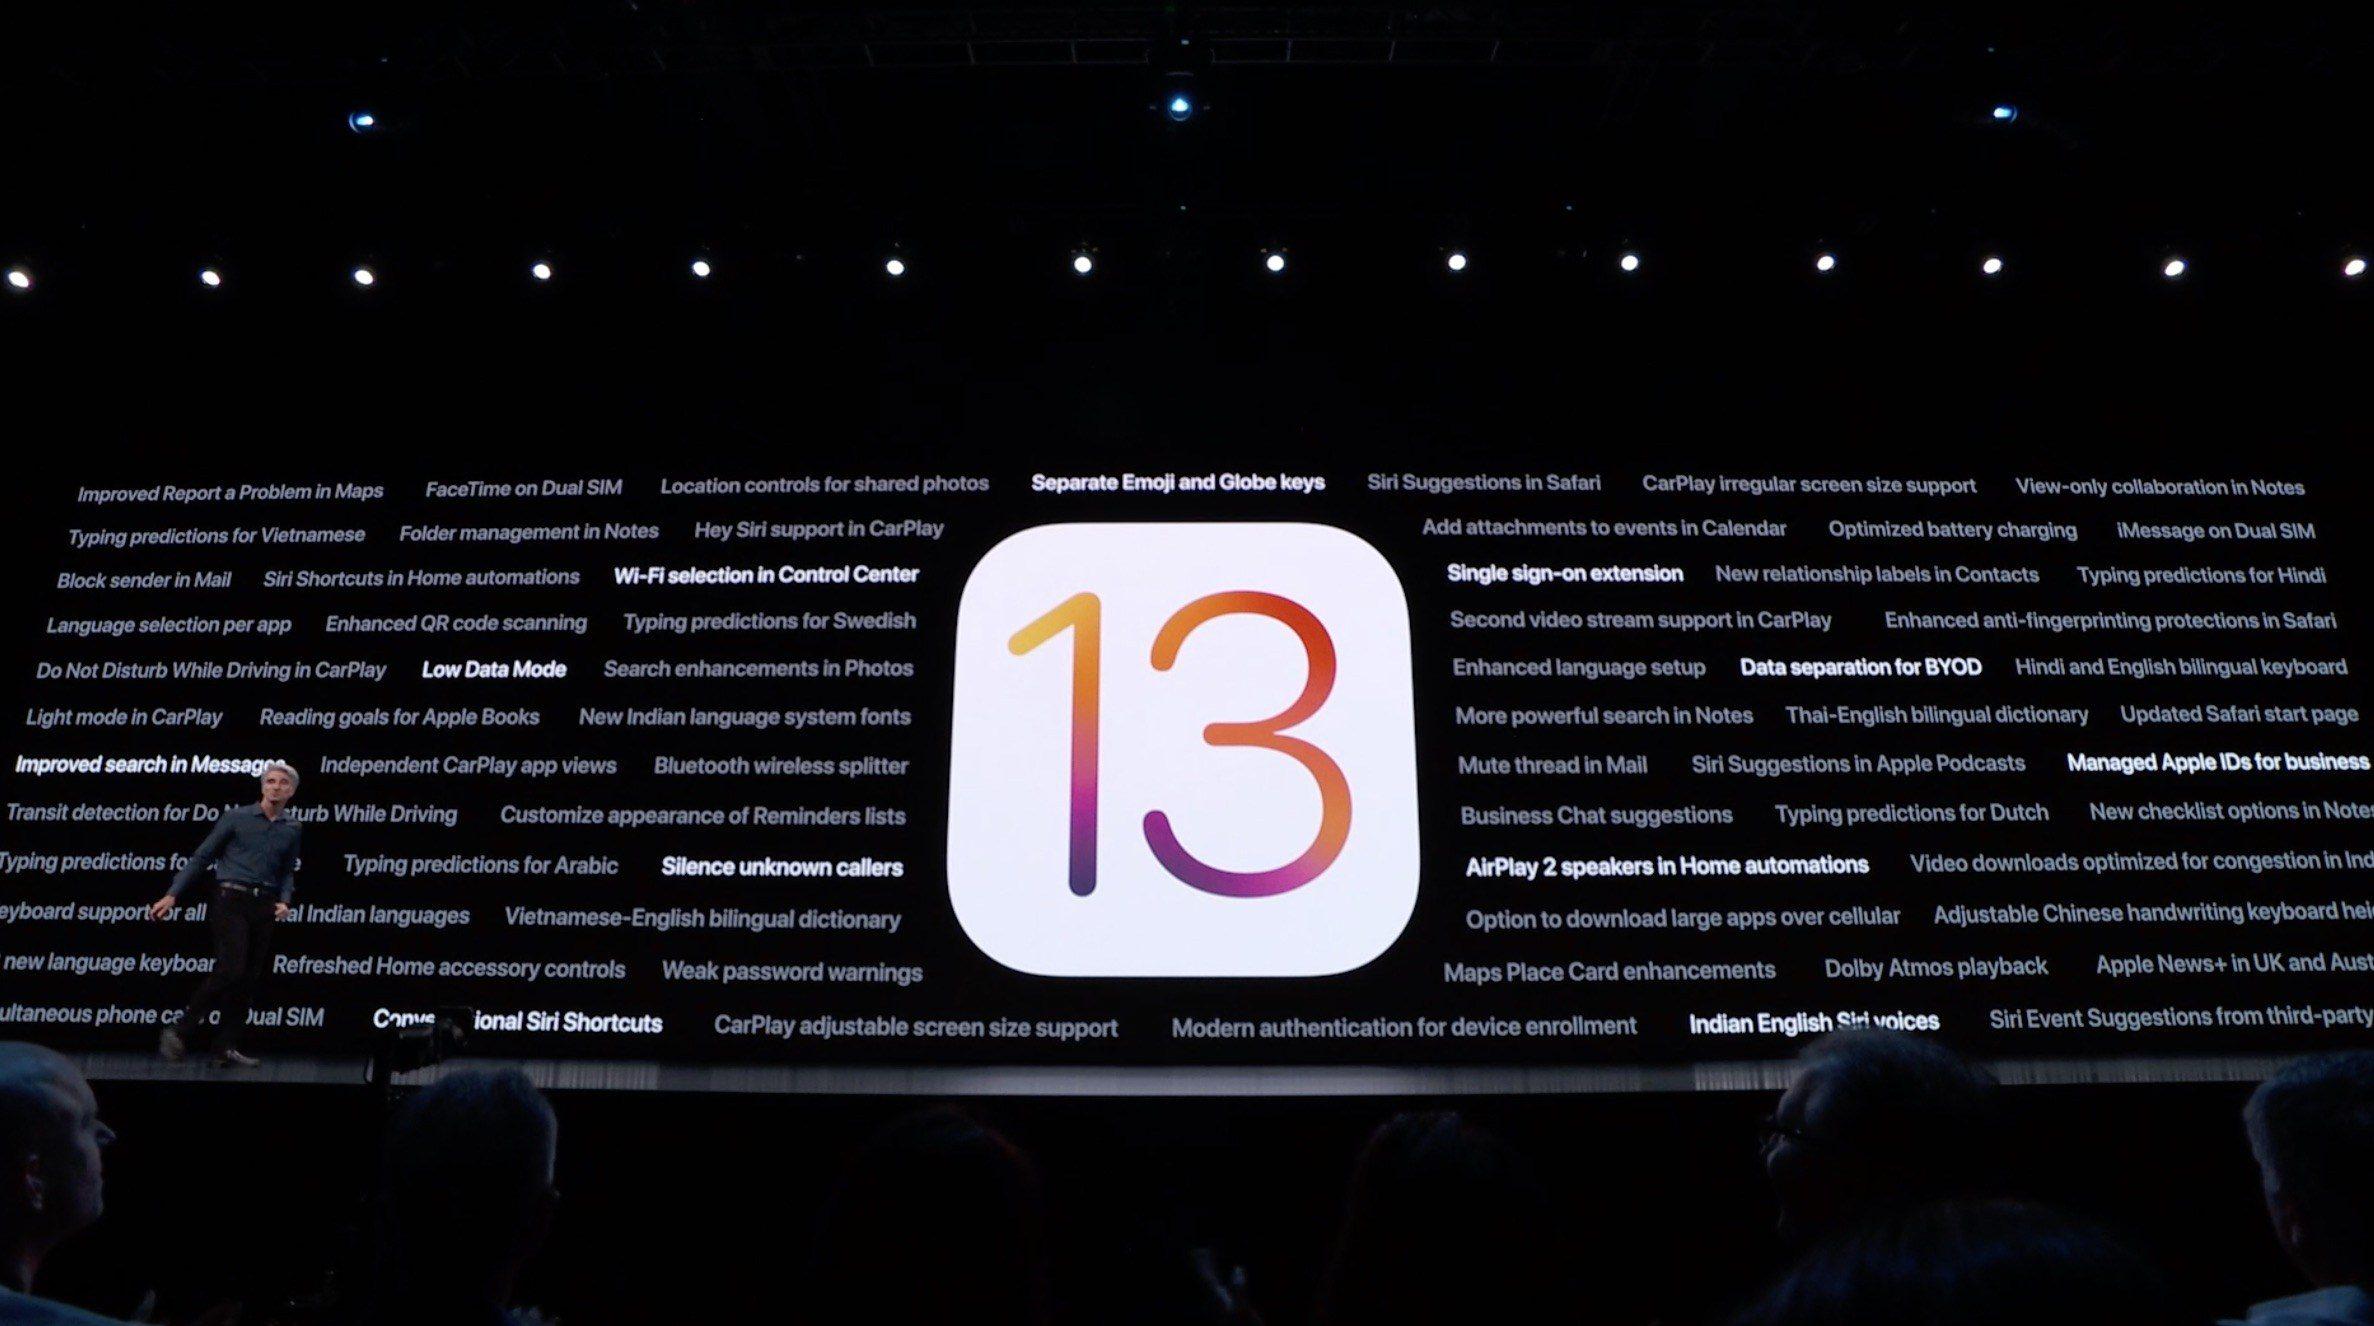 苹果将于 9 月 20 日推送 iOS 13 正式版